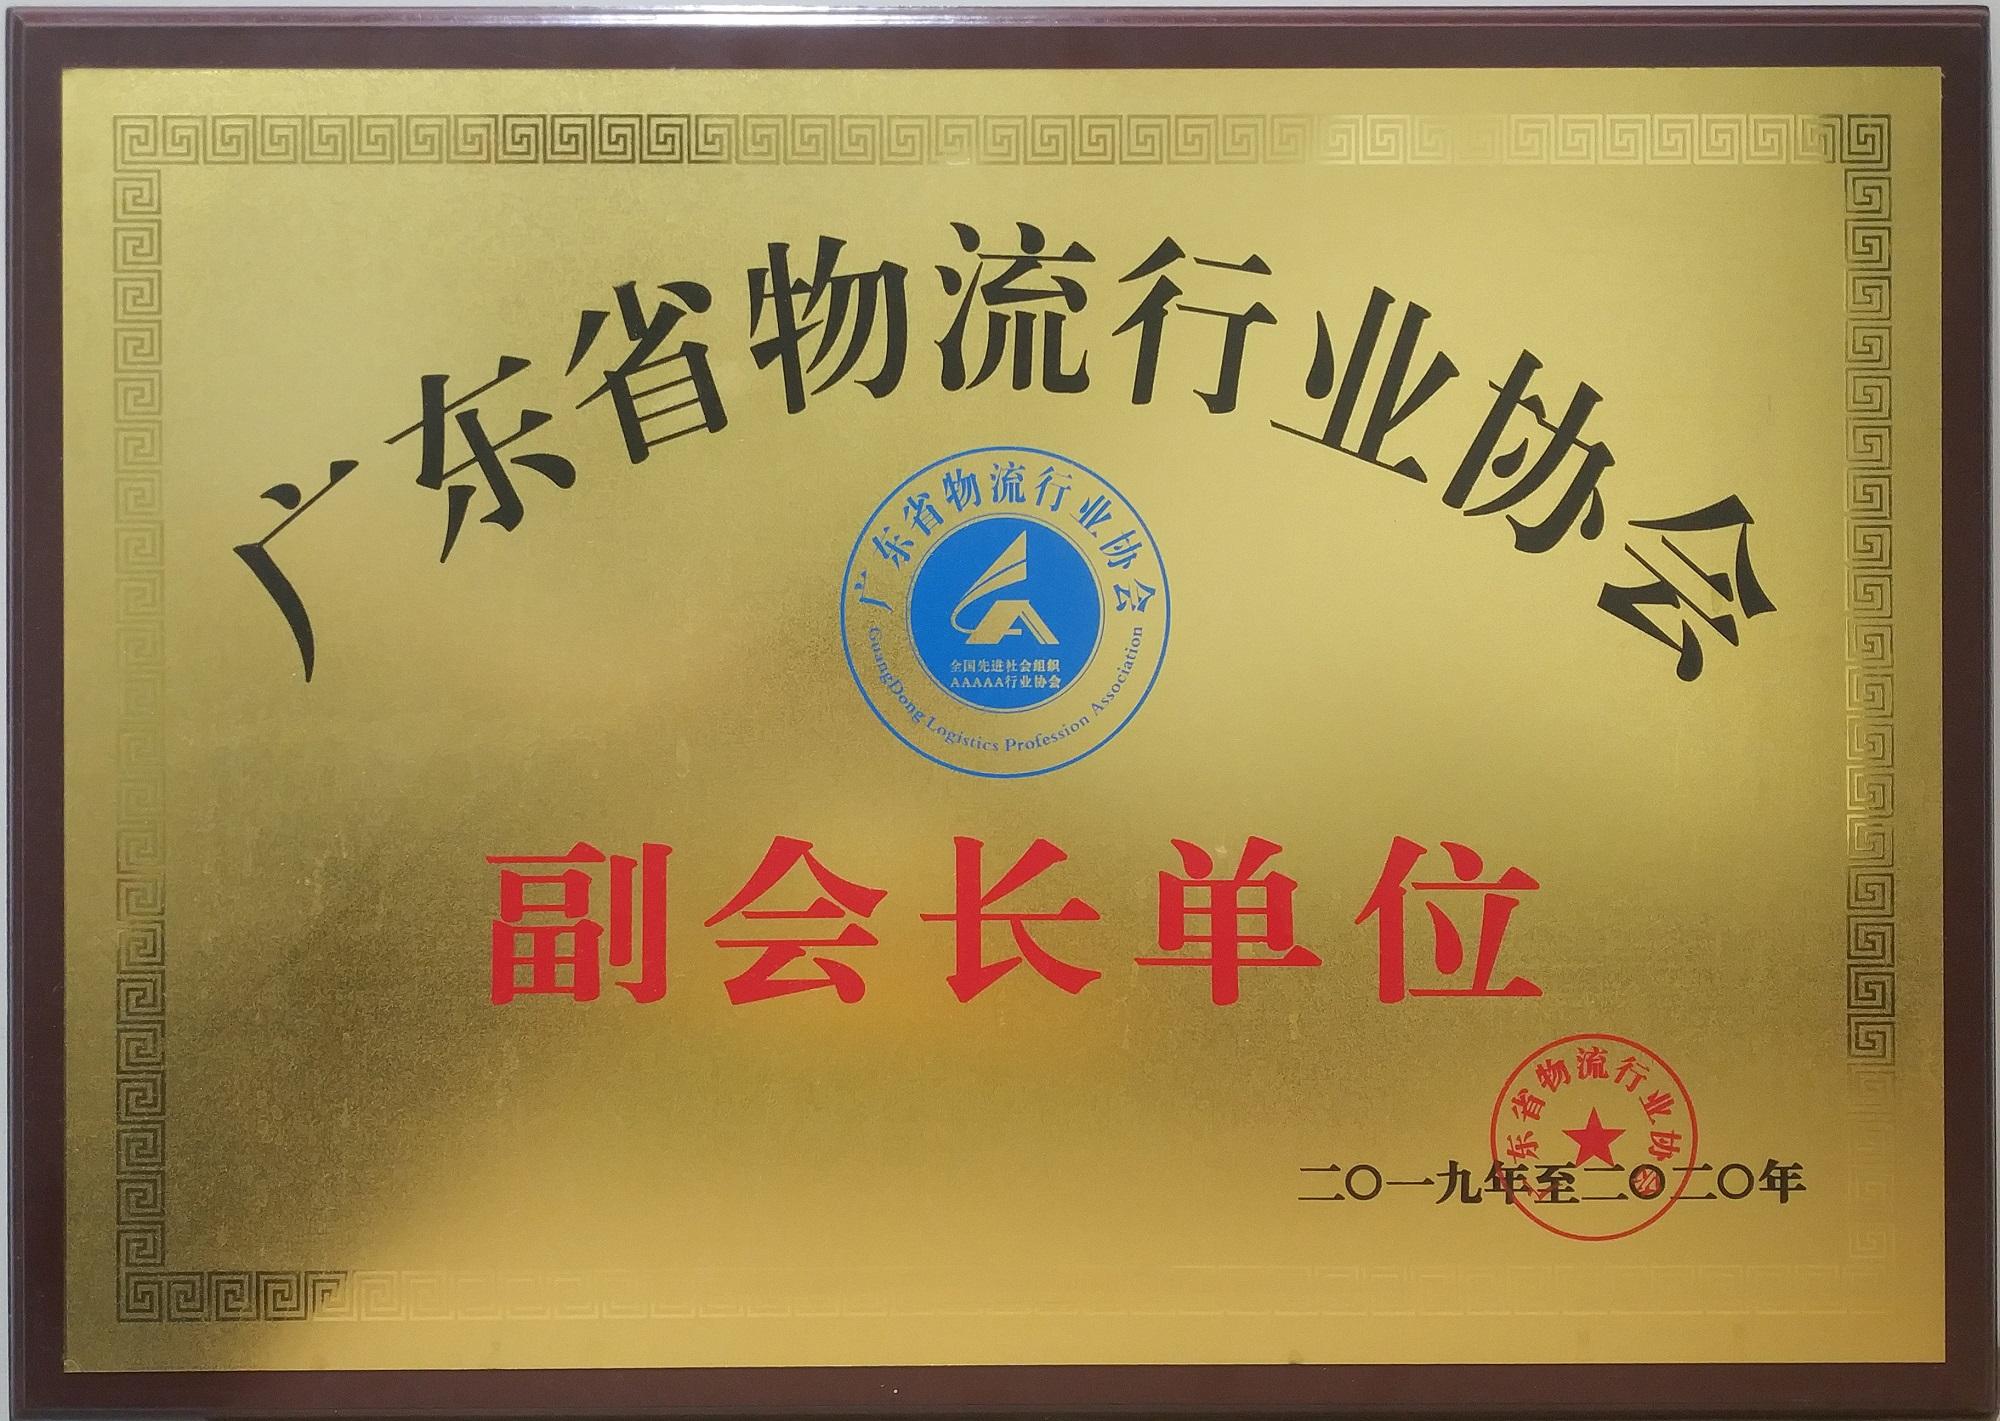 廣東省物流行業協會副會長單位